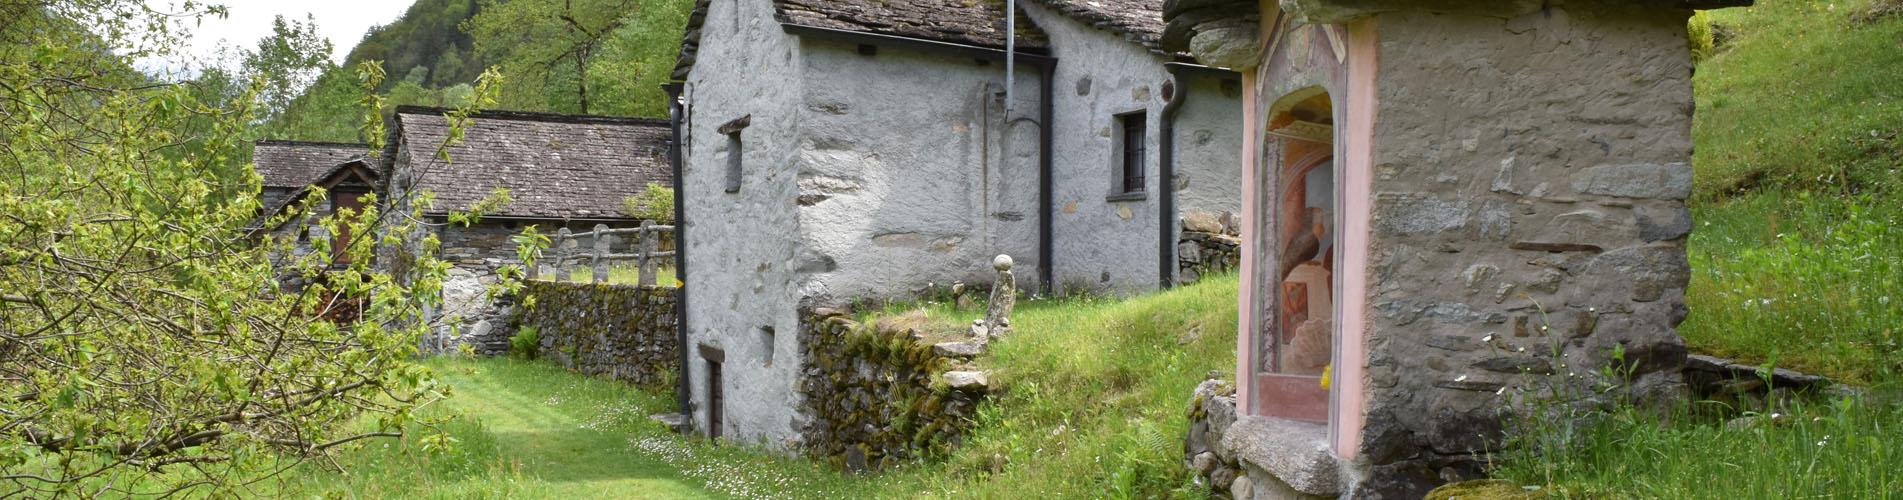 Wanderungen im Maggiatal, Tessin – Jetzt geht's los auf die schönsten Wanderwege im Valle Maggia.